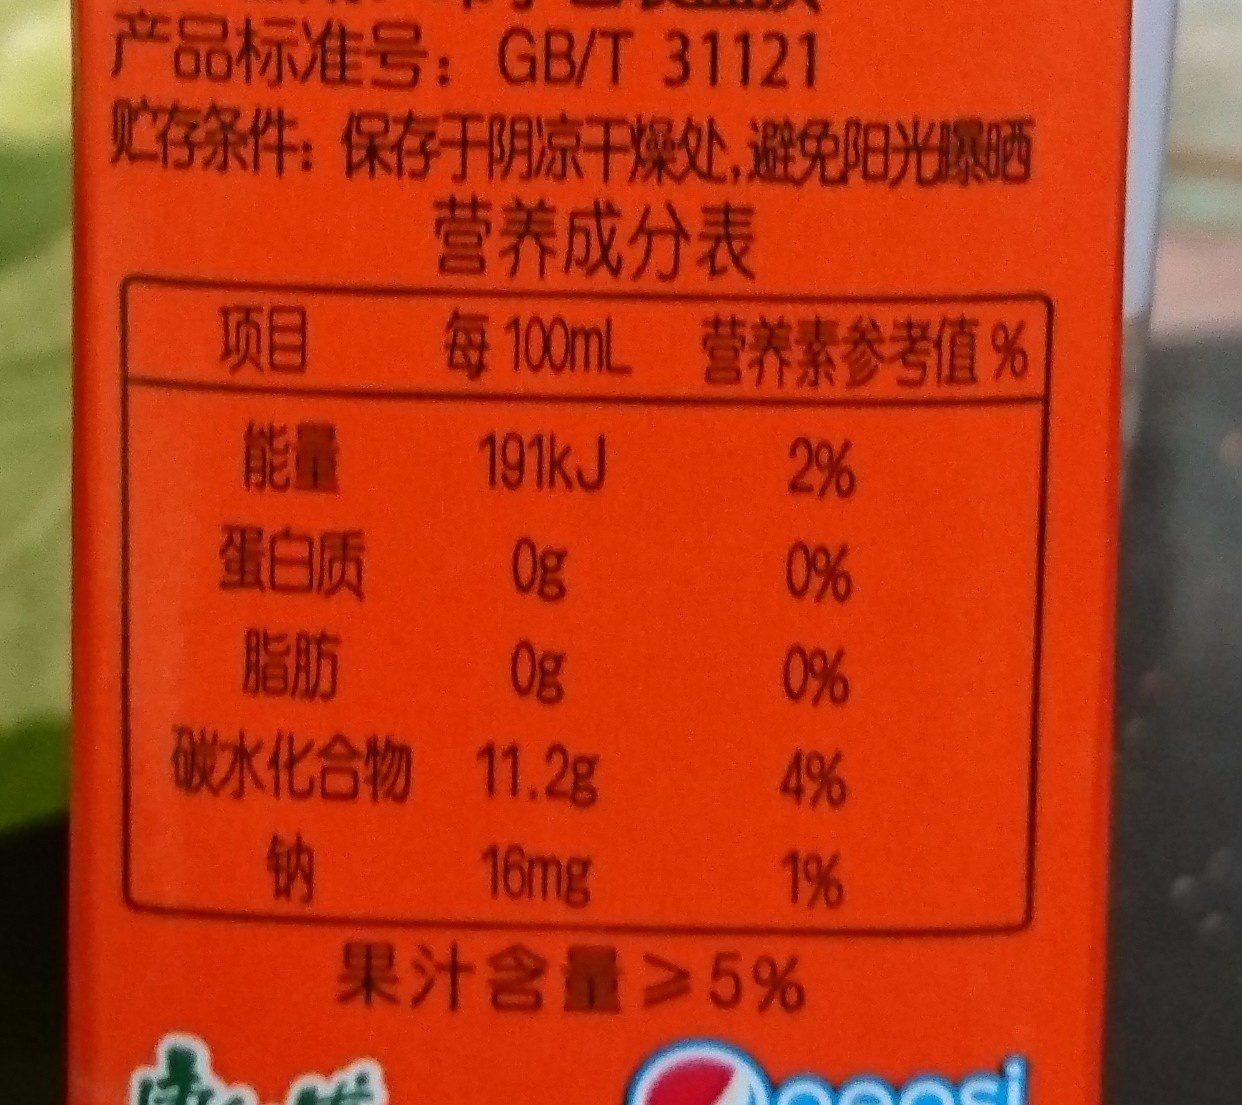 康师傅鲜果橙 - 营养成分 - zh